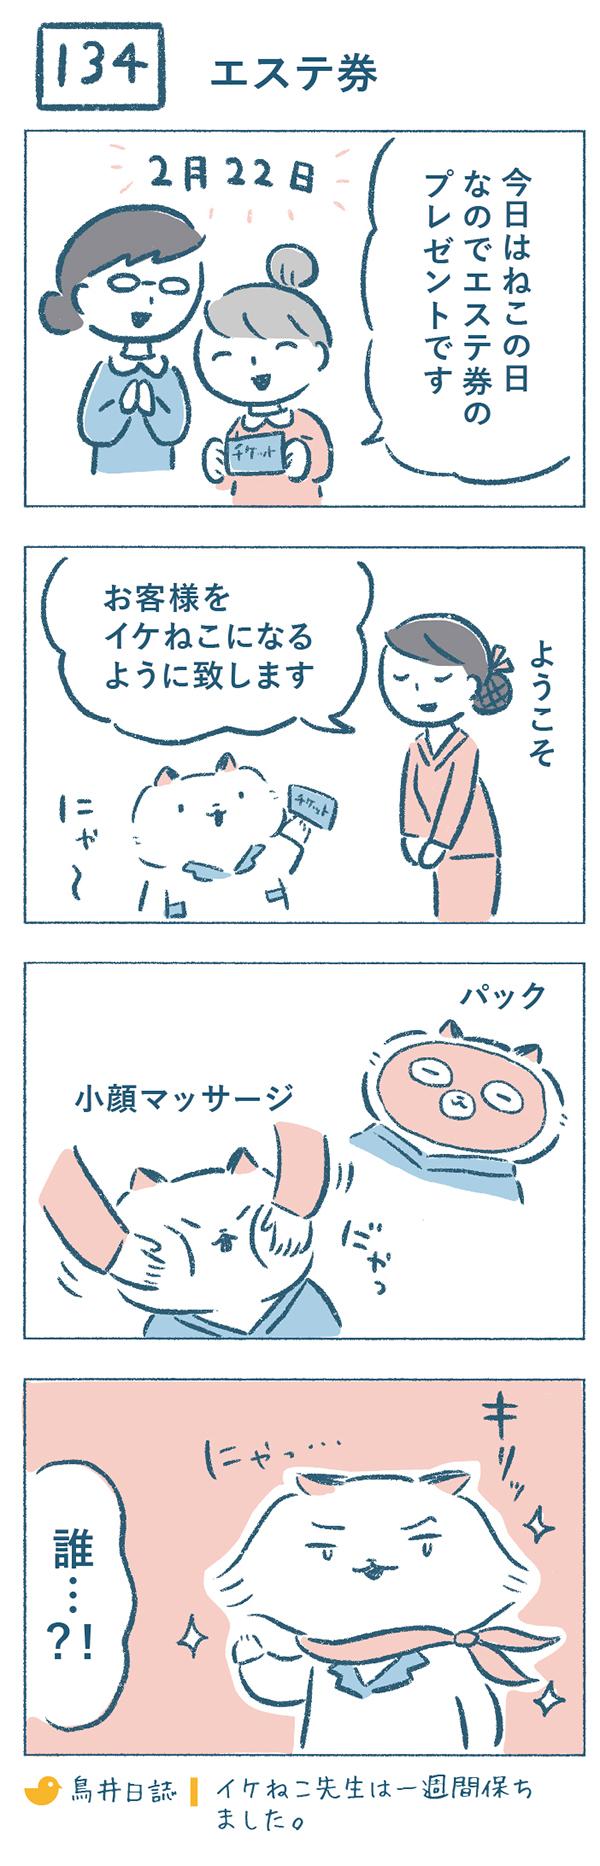 タイトル:エステ券。2月22日。「今日はねこの日なので」と鳥井さんと熊野さんからエステ券のチケットをプレゼントされたねこやま先生。早速チケットを利用して、エステに向かい、パックや小顔マッサージをしてもらいます。エステから帰るころには首にスカーフを巻き、サラサラの毛をなびかせてキリッとした表情でカッコよく挨拶をするねこやま先生。あまりの変貌ぶりに、「誰…?!」とツッコミを受けるのでした。「鳥井日誌|イケねこ先生は一週間保ちました。」